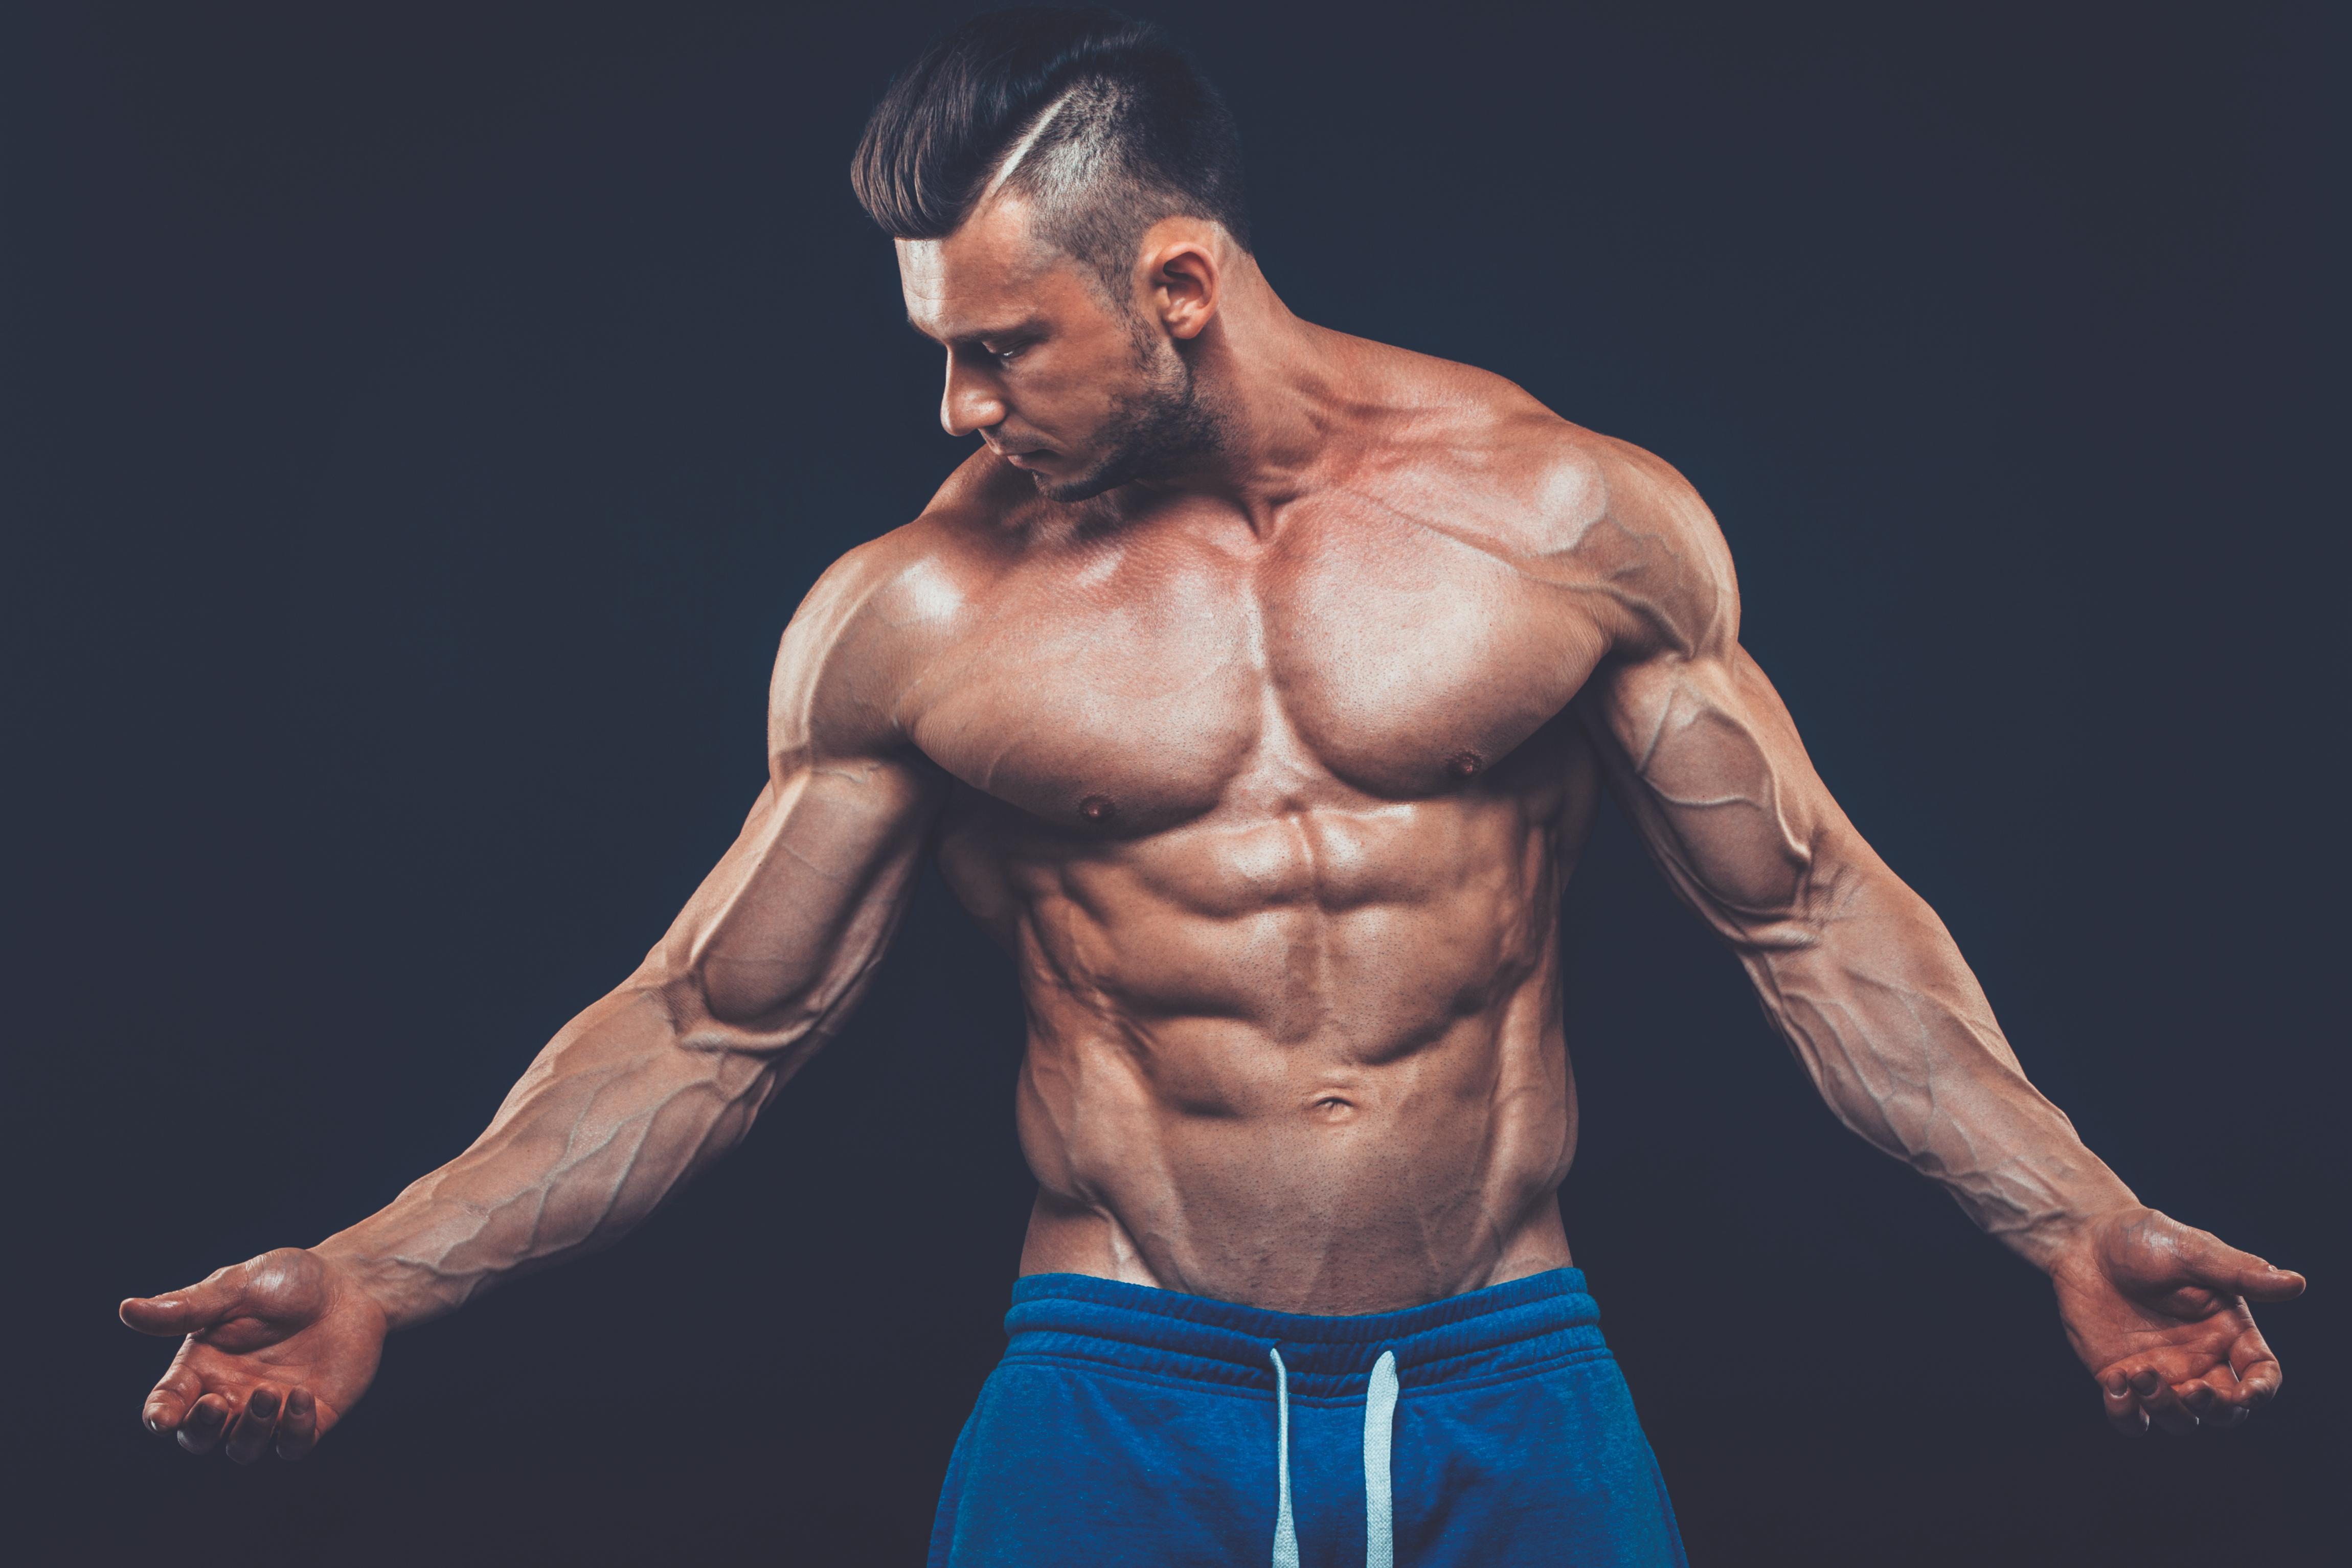 Cuerpo humano: partes y funciones | Muy Fitness